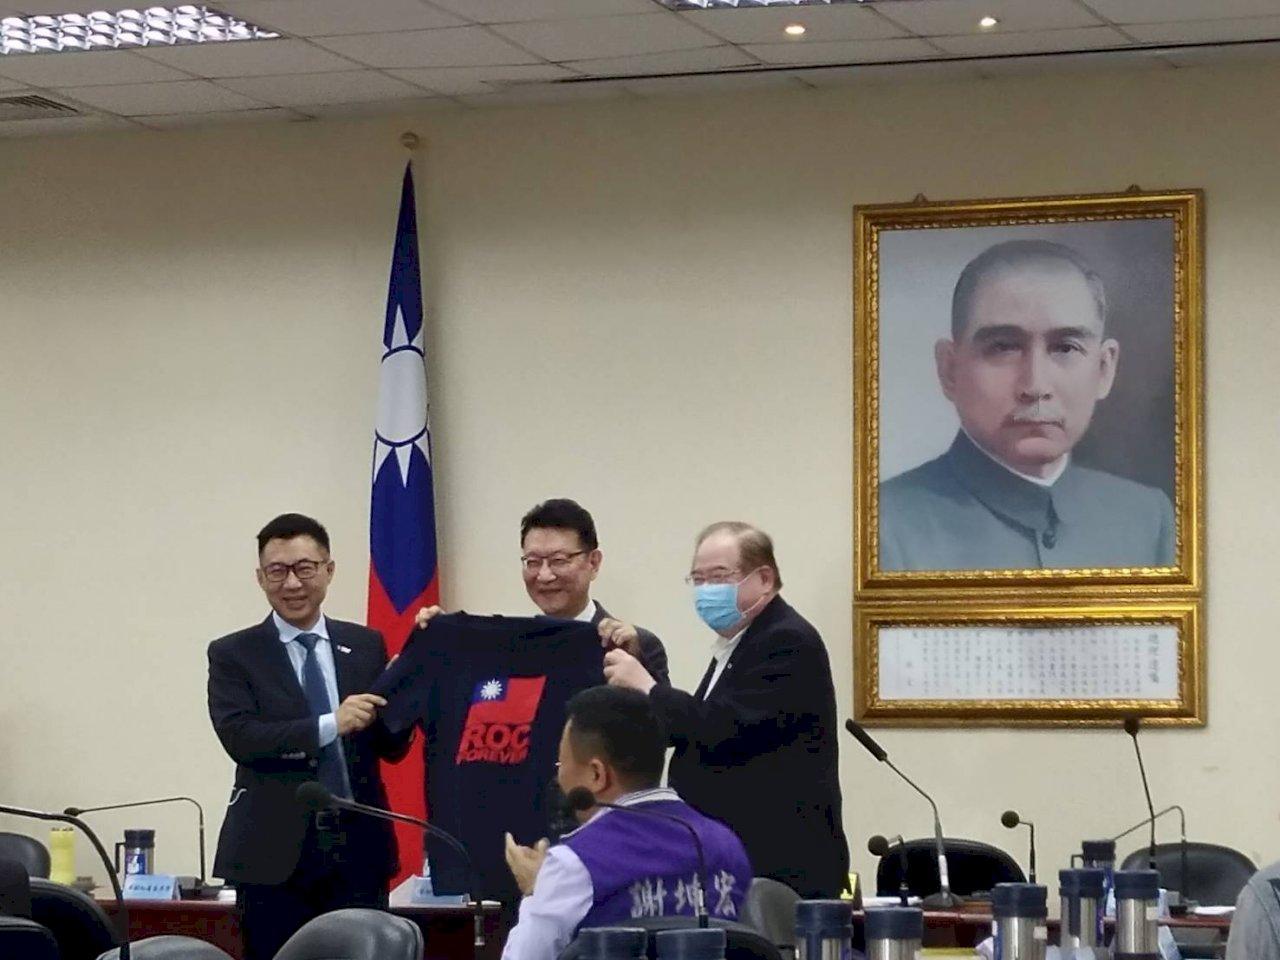 趙少康批國民黨保守、不接地氣 提黨務改造3面向